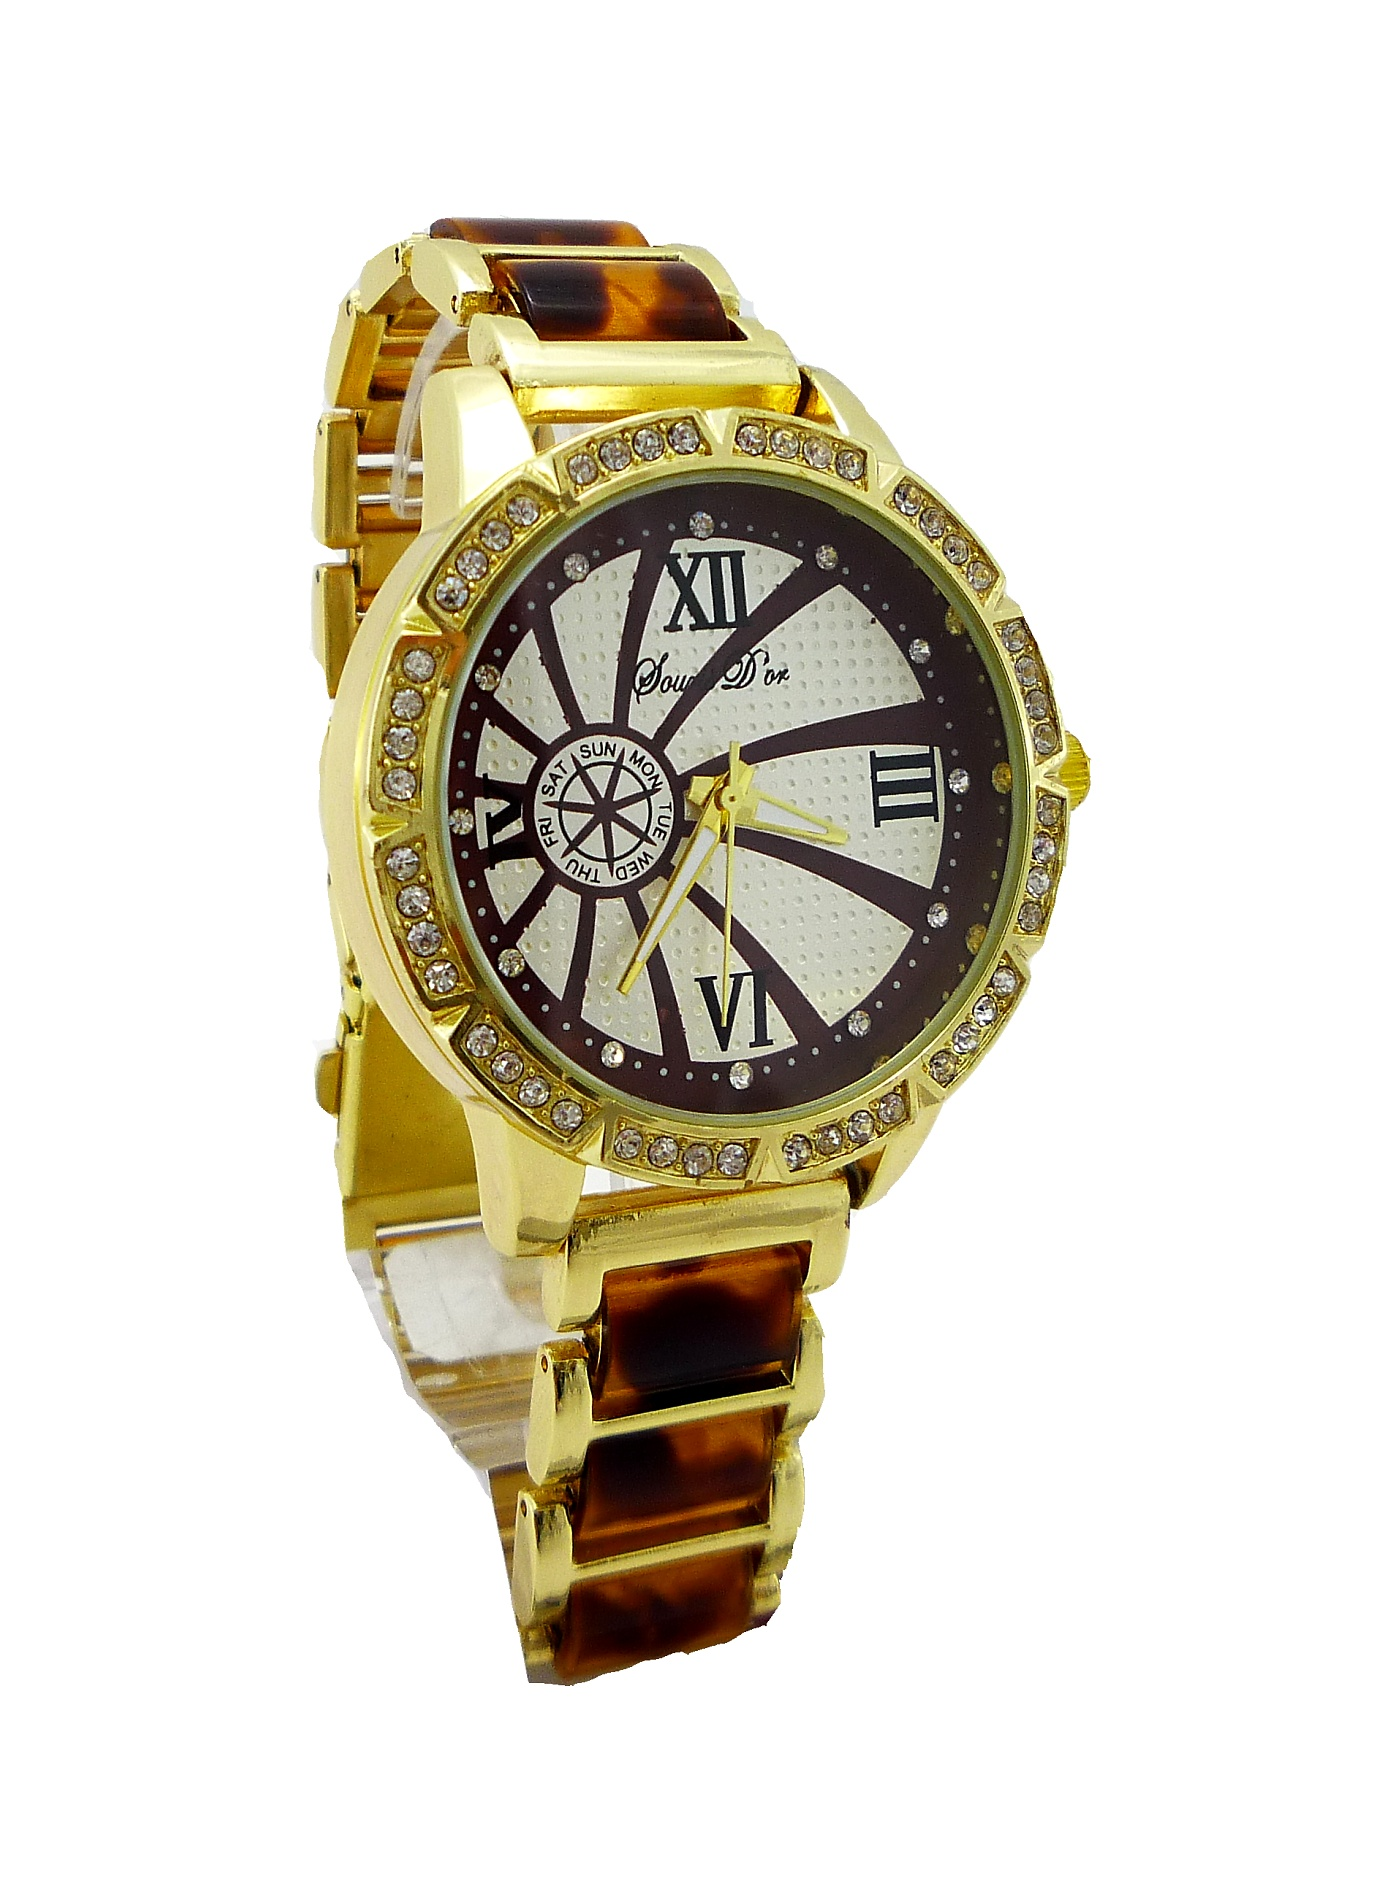 7867b153d Dámské hodinky Douris Door zlato-hnědé 008D   thodinky.cz